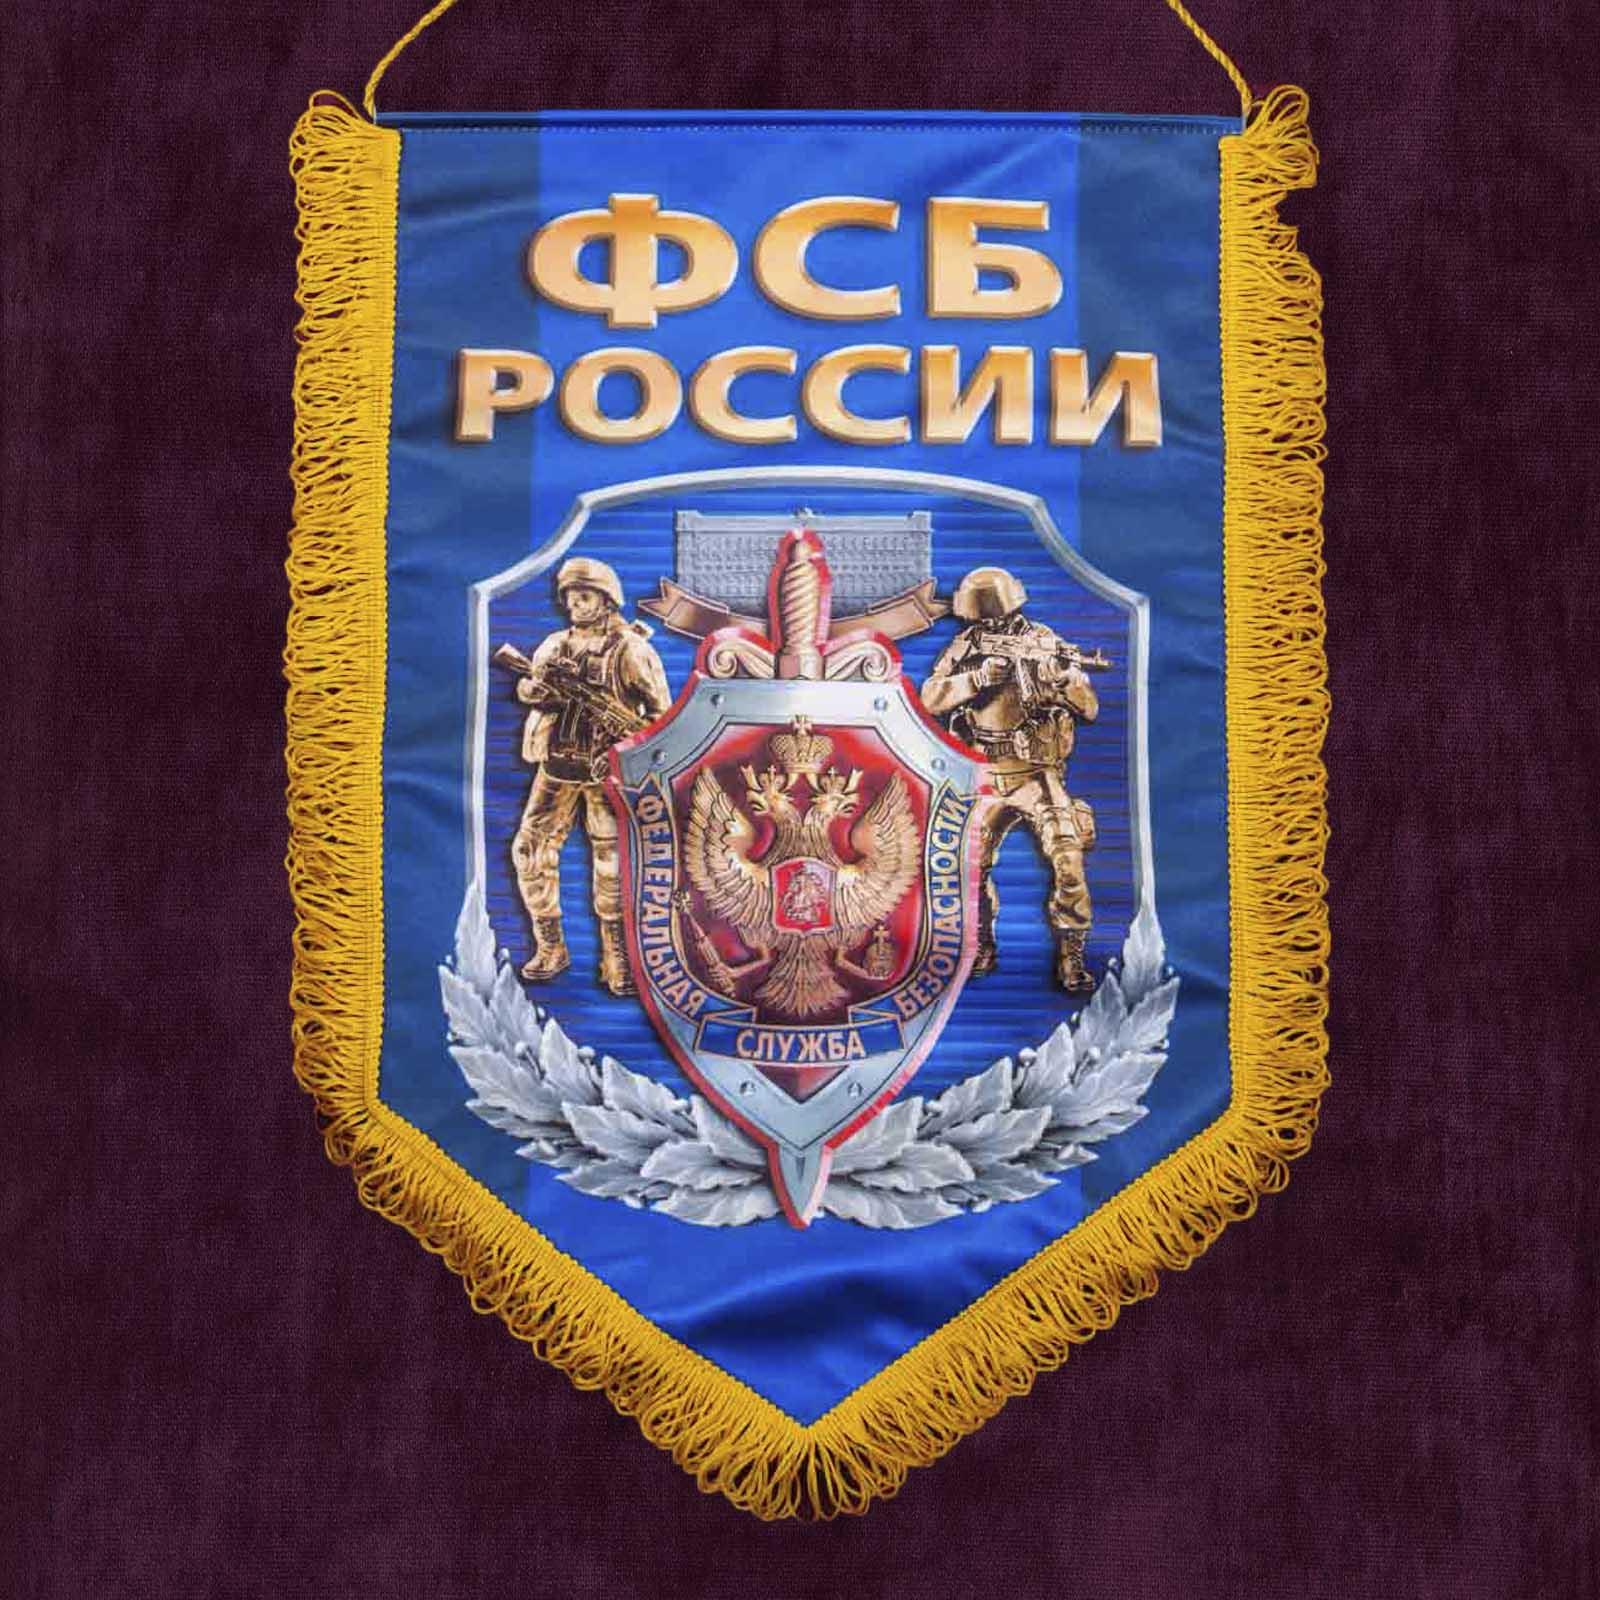 Вымпел ФСБ России купить по приемлемой цене